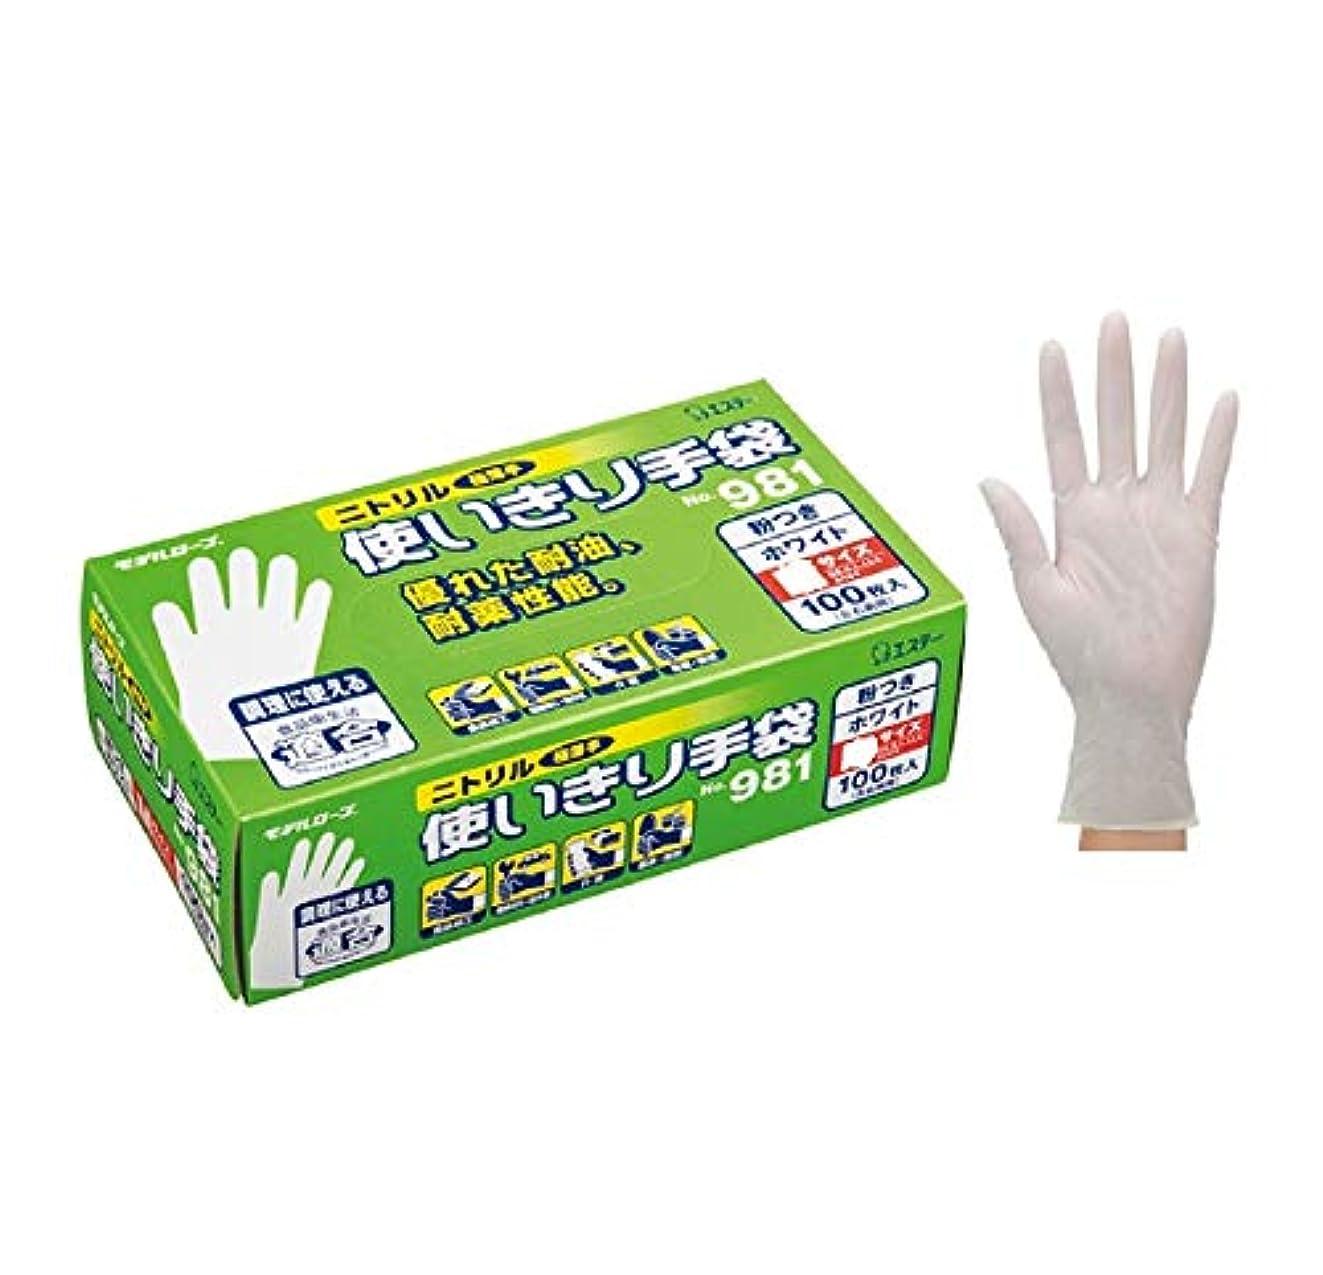 葉巻論争貴重なエステー ニトリル手袋/作業用手袋 [粉付 No981/S 12箱]